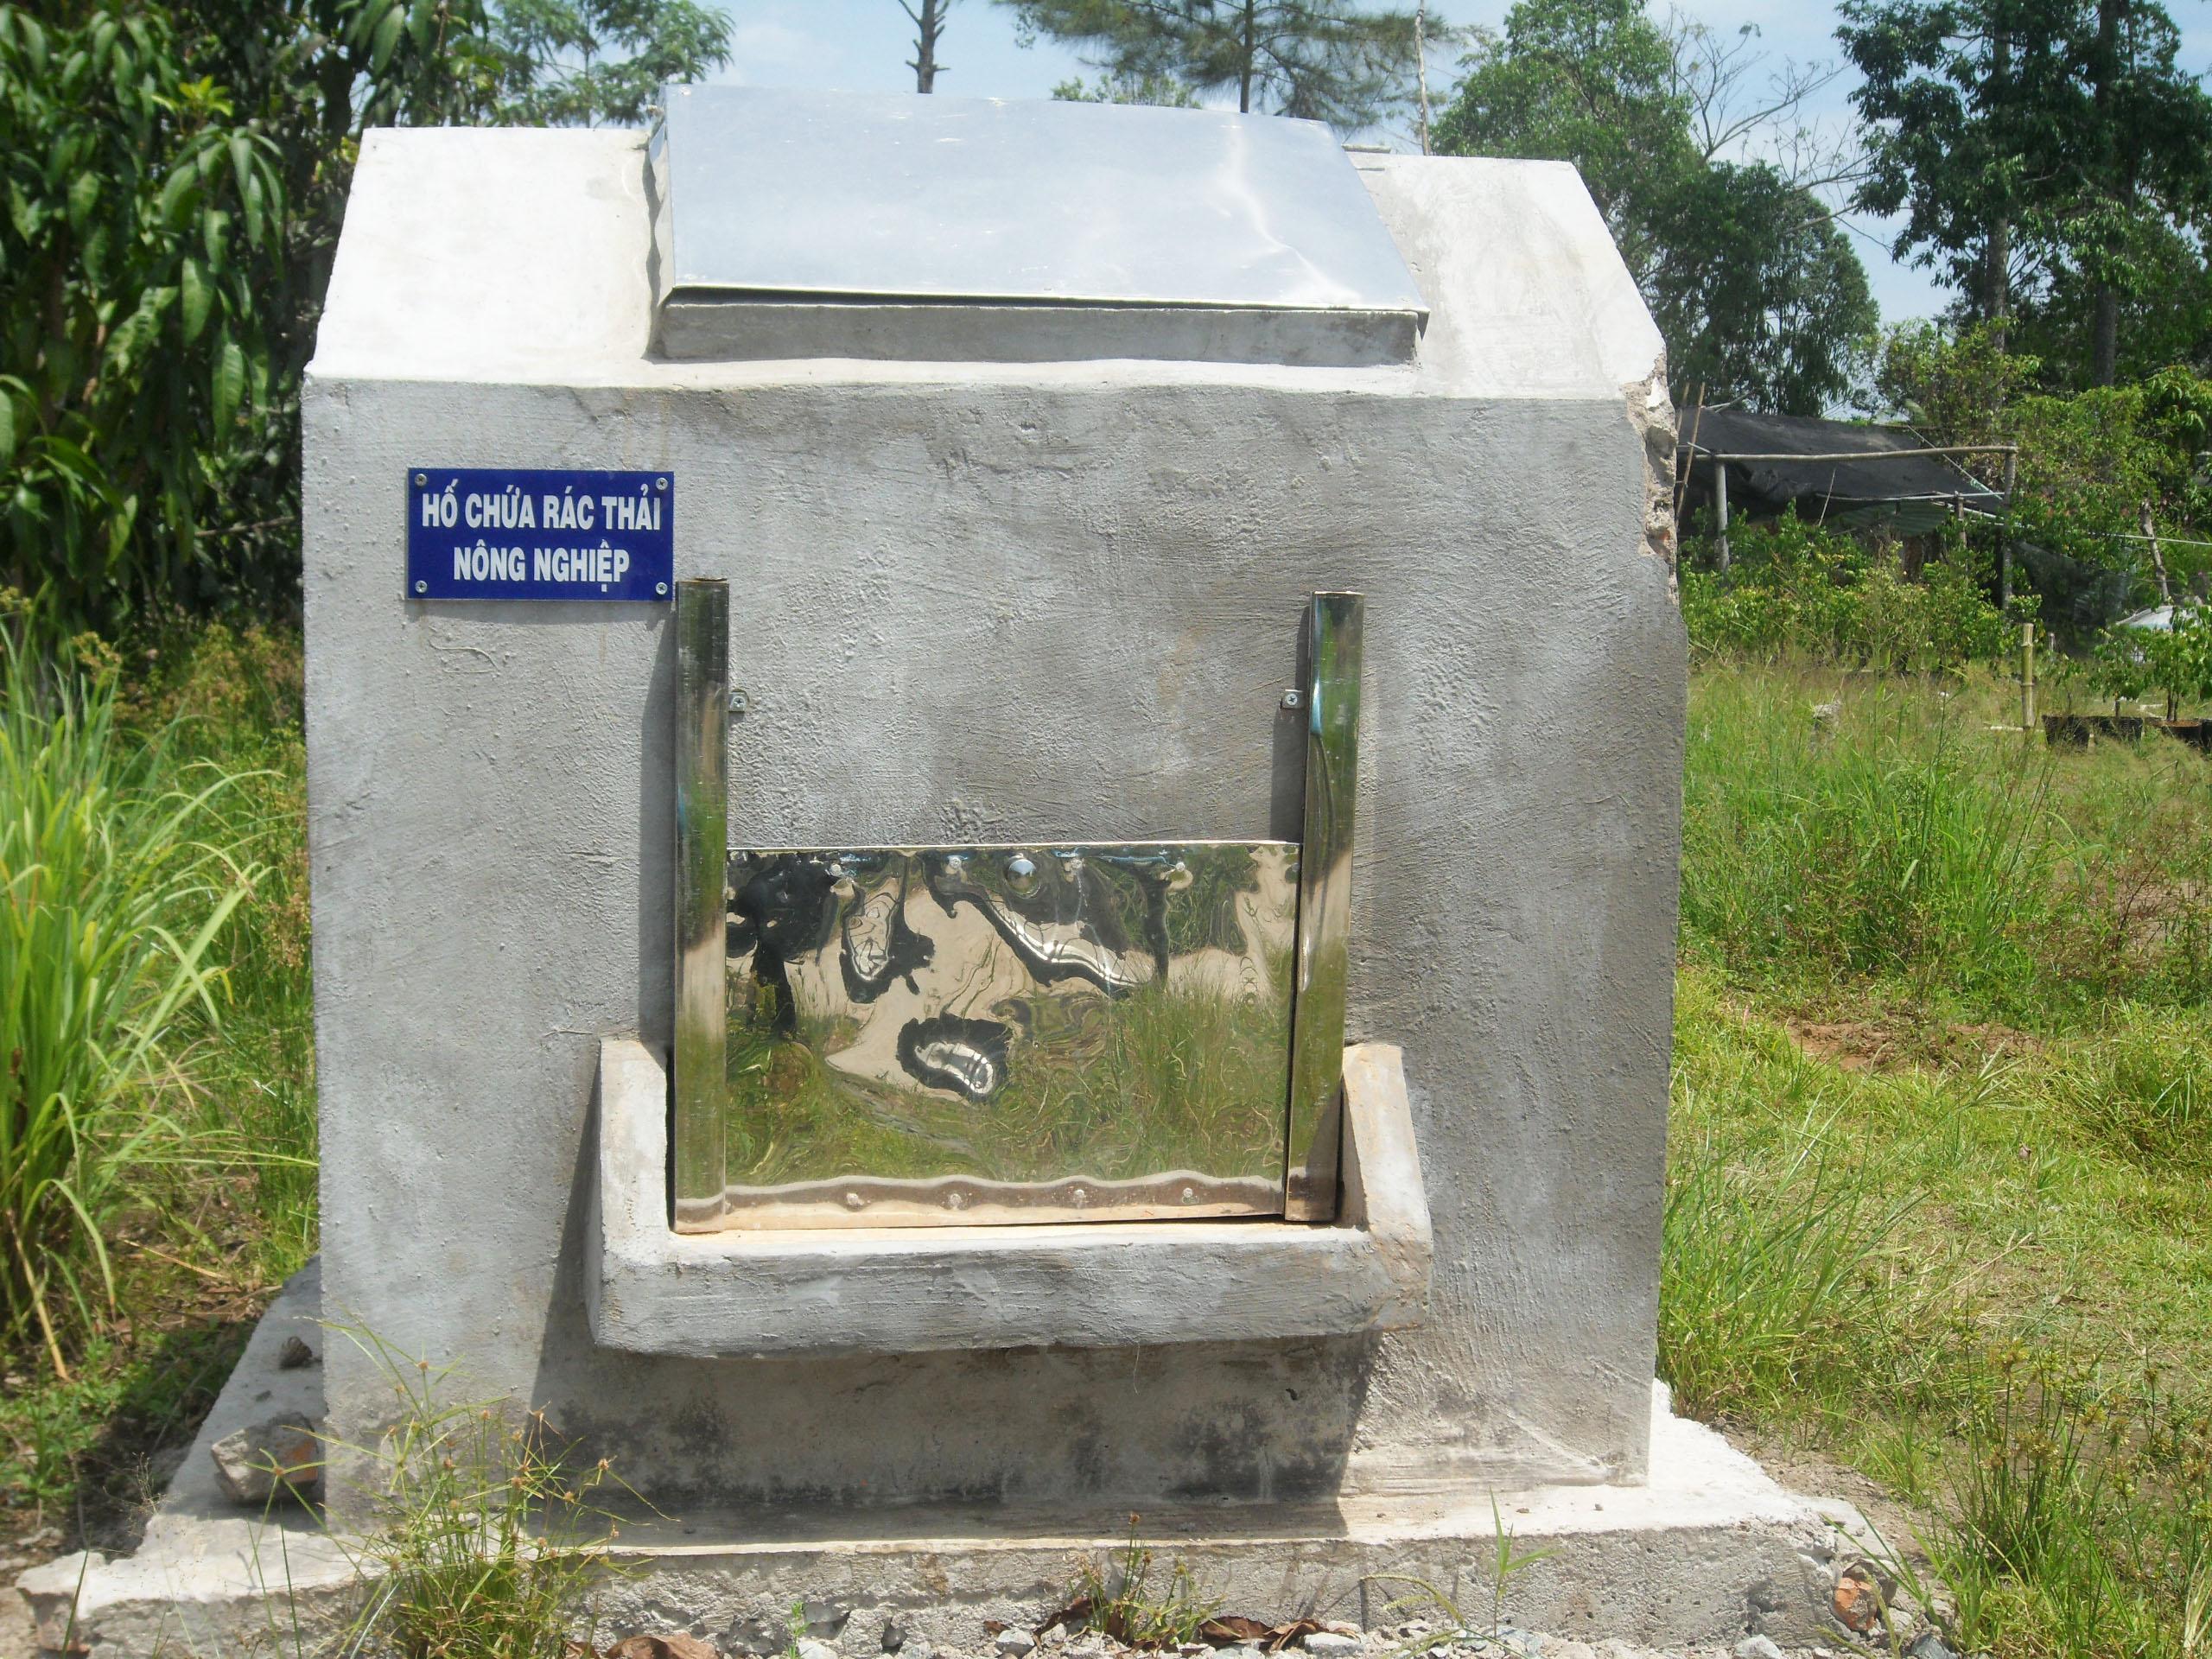 Nhân rộng mô hình bảo vệ môi trường, ứng phó với biến đổi khí hậu tại xã Vĩnh Thành